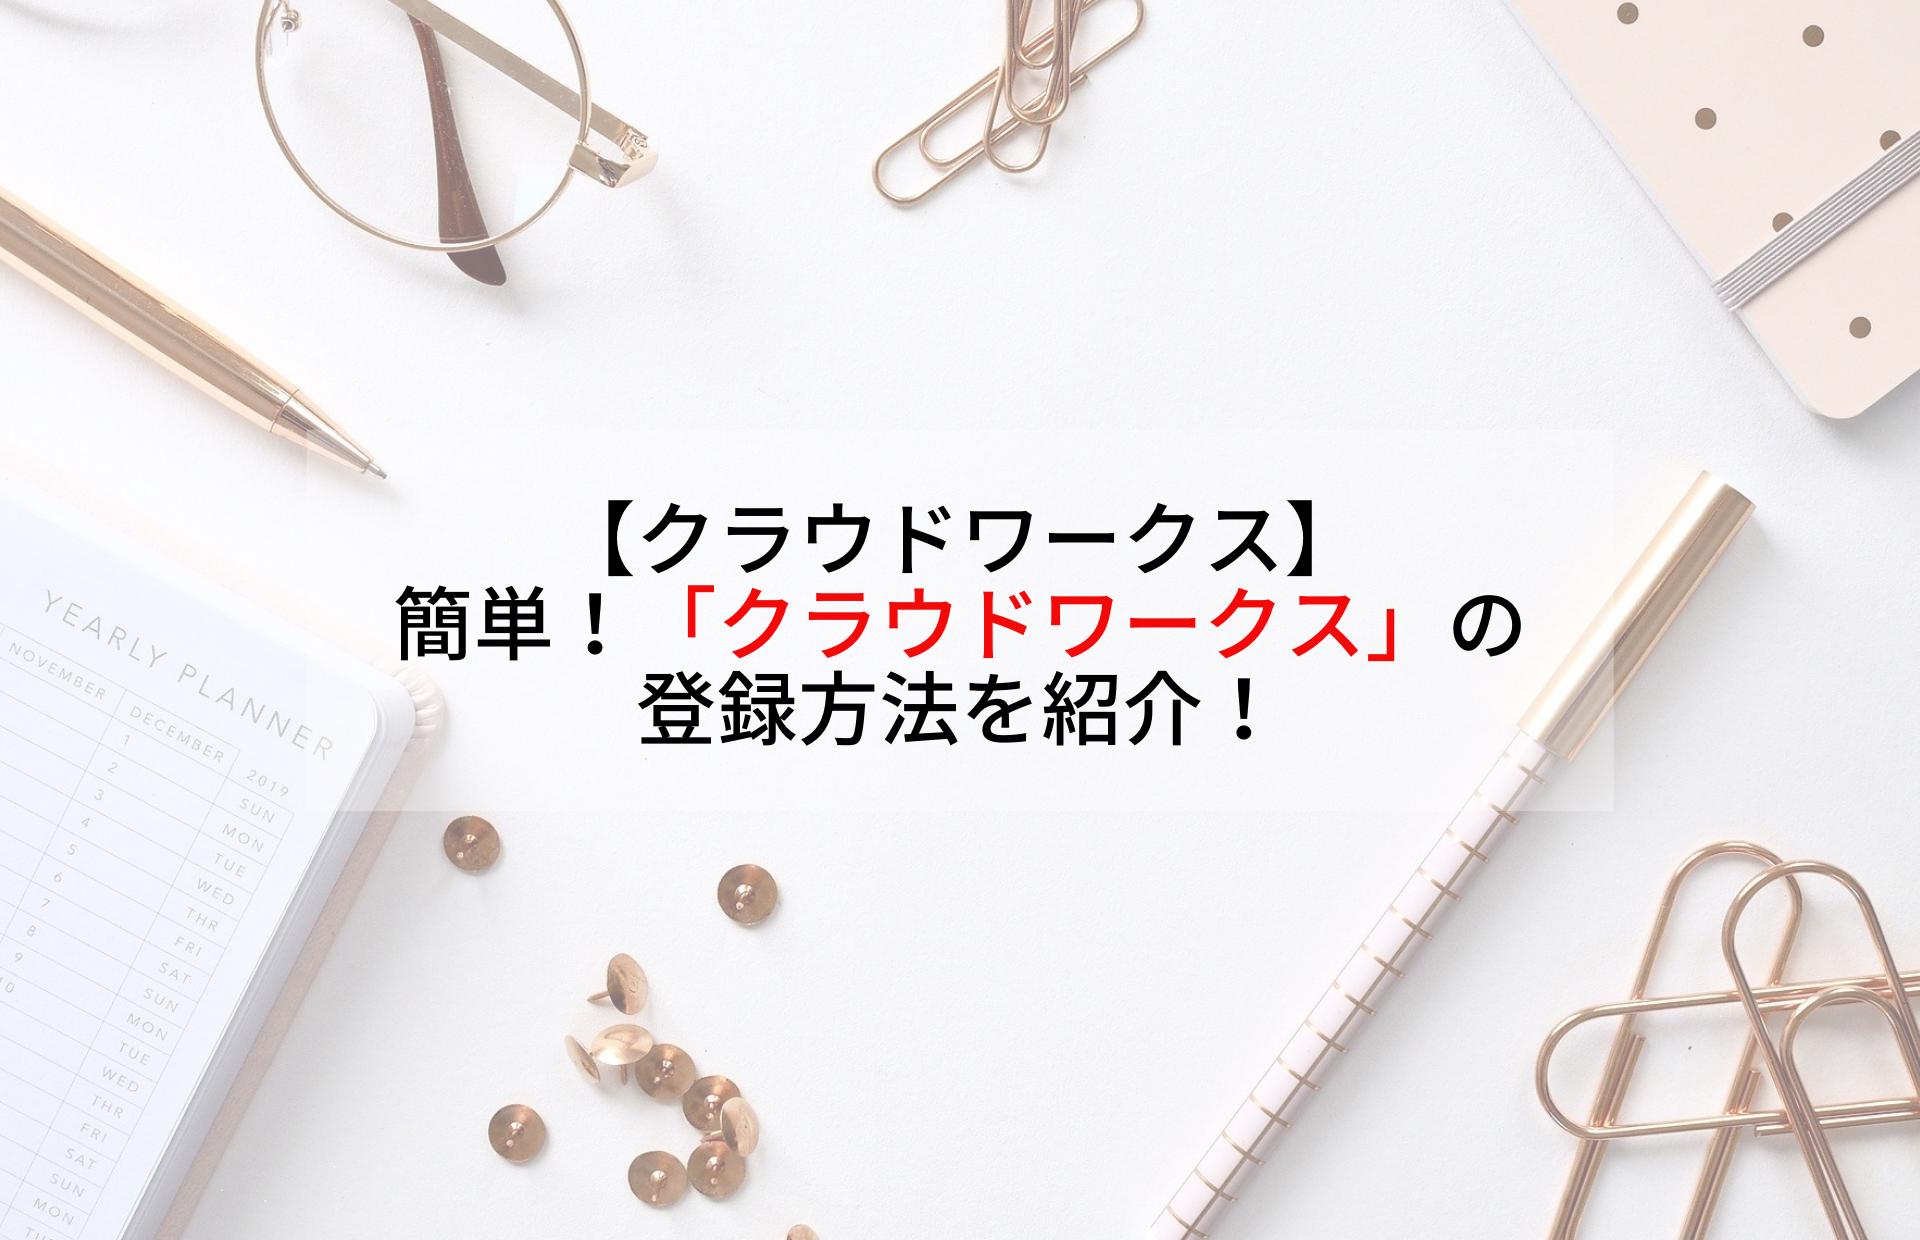 【クラウドワークス】簡単!「クラウドワークス」の登録方法を紹介!